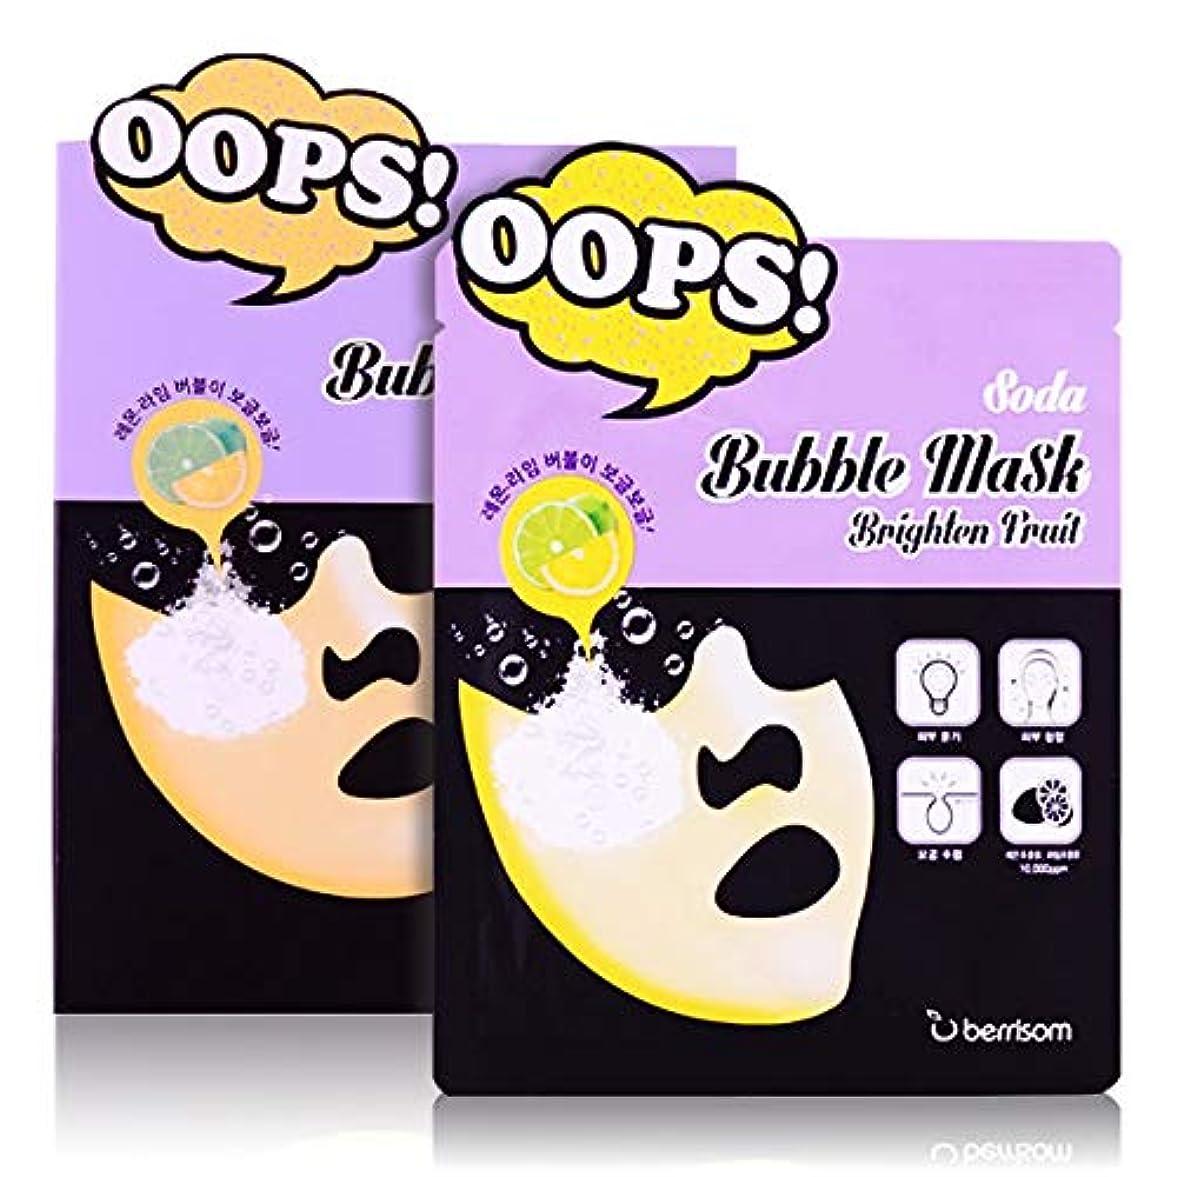 ボイラー委員会一貫性のないベリソム[Berrisom] ソーダバブルマスクブライトニングフルーツ18mlx5P / Soda Bubble Mask Brighten Fruit